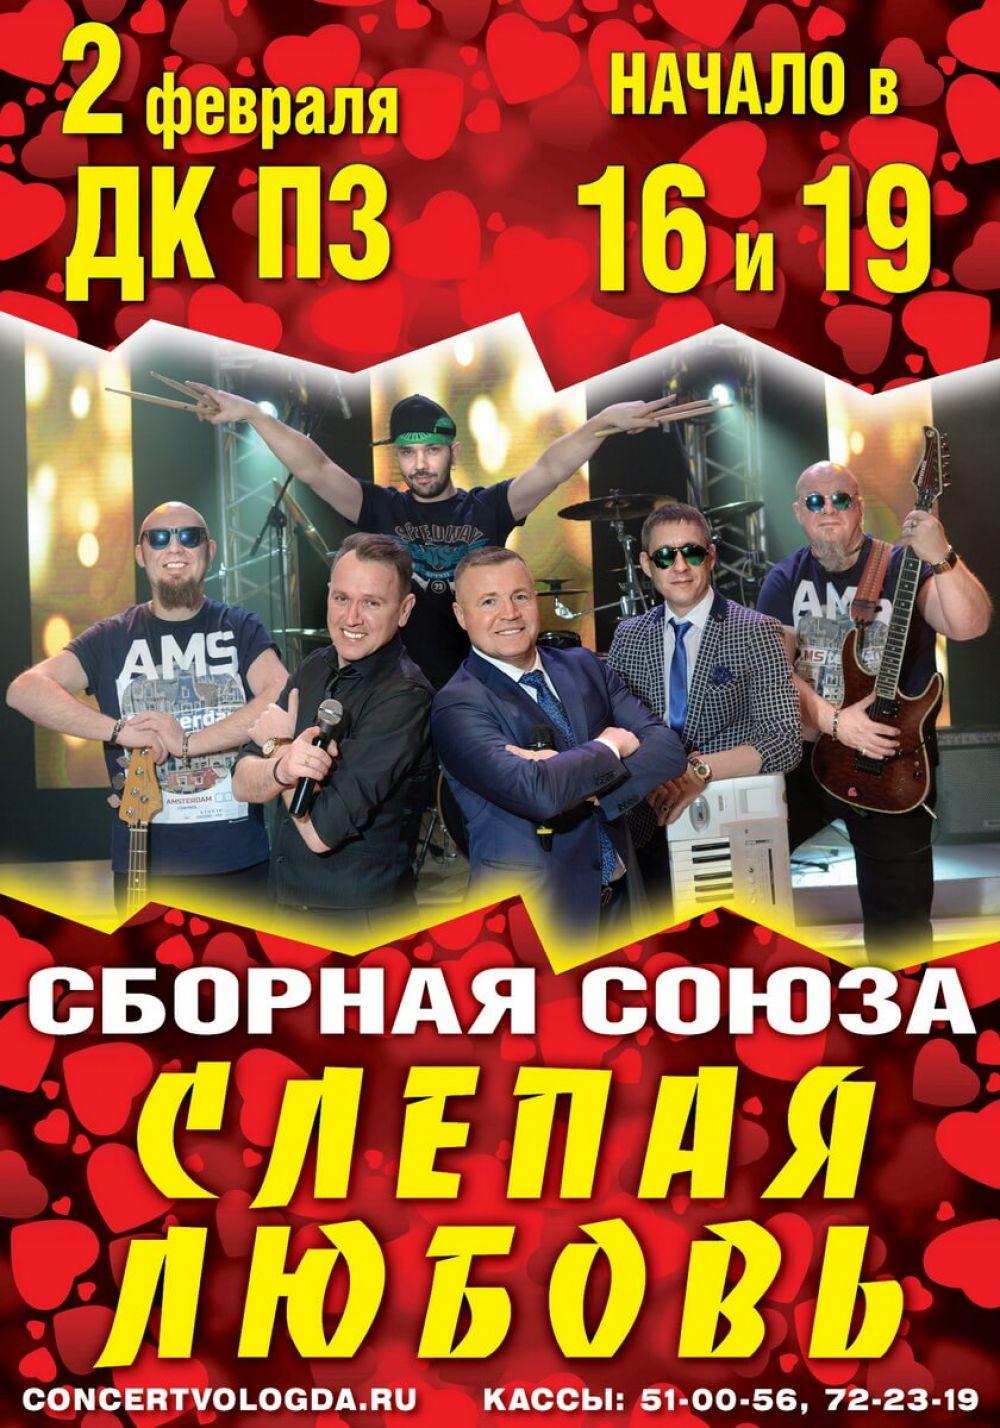 Вологда свой театр афиша цирк на вернадского москва купить билеты